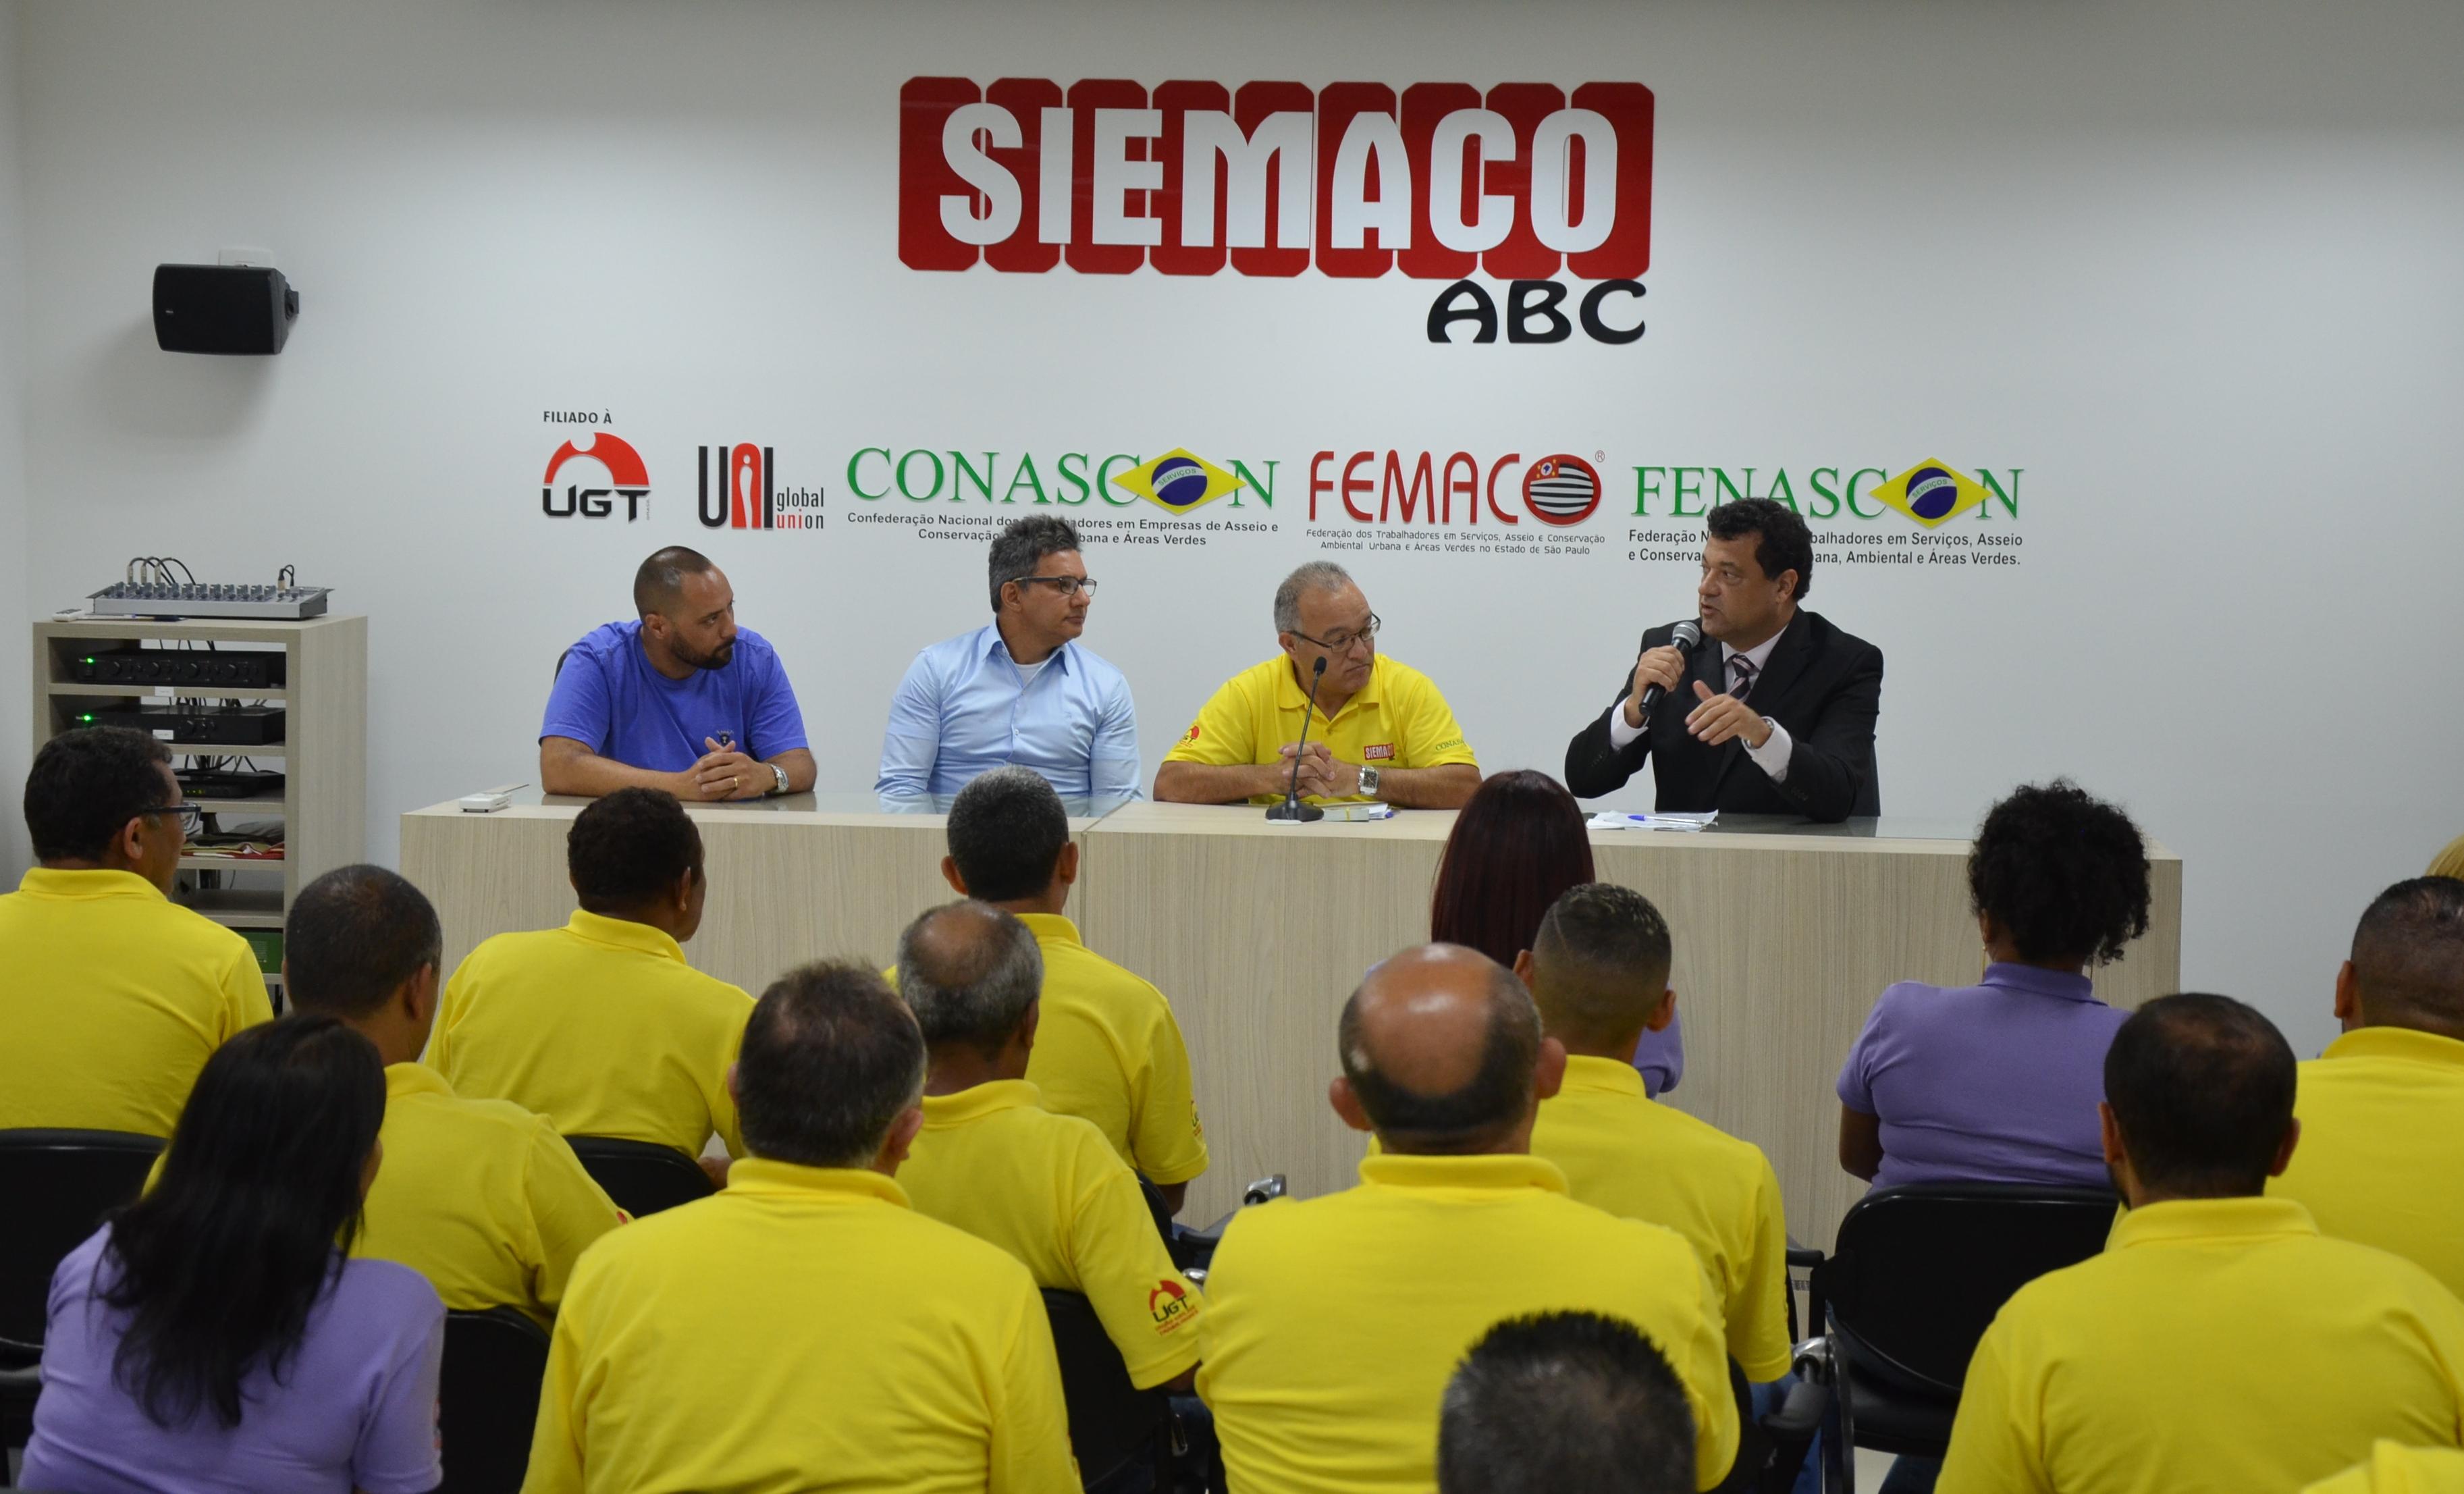 Nova diretoria do SIEMACO ABC toma posse e reafirma compromissos